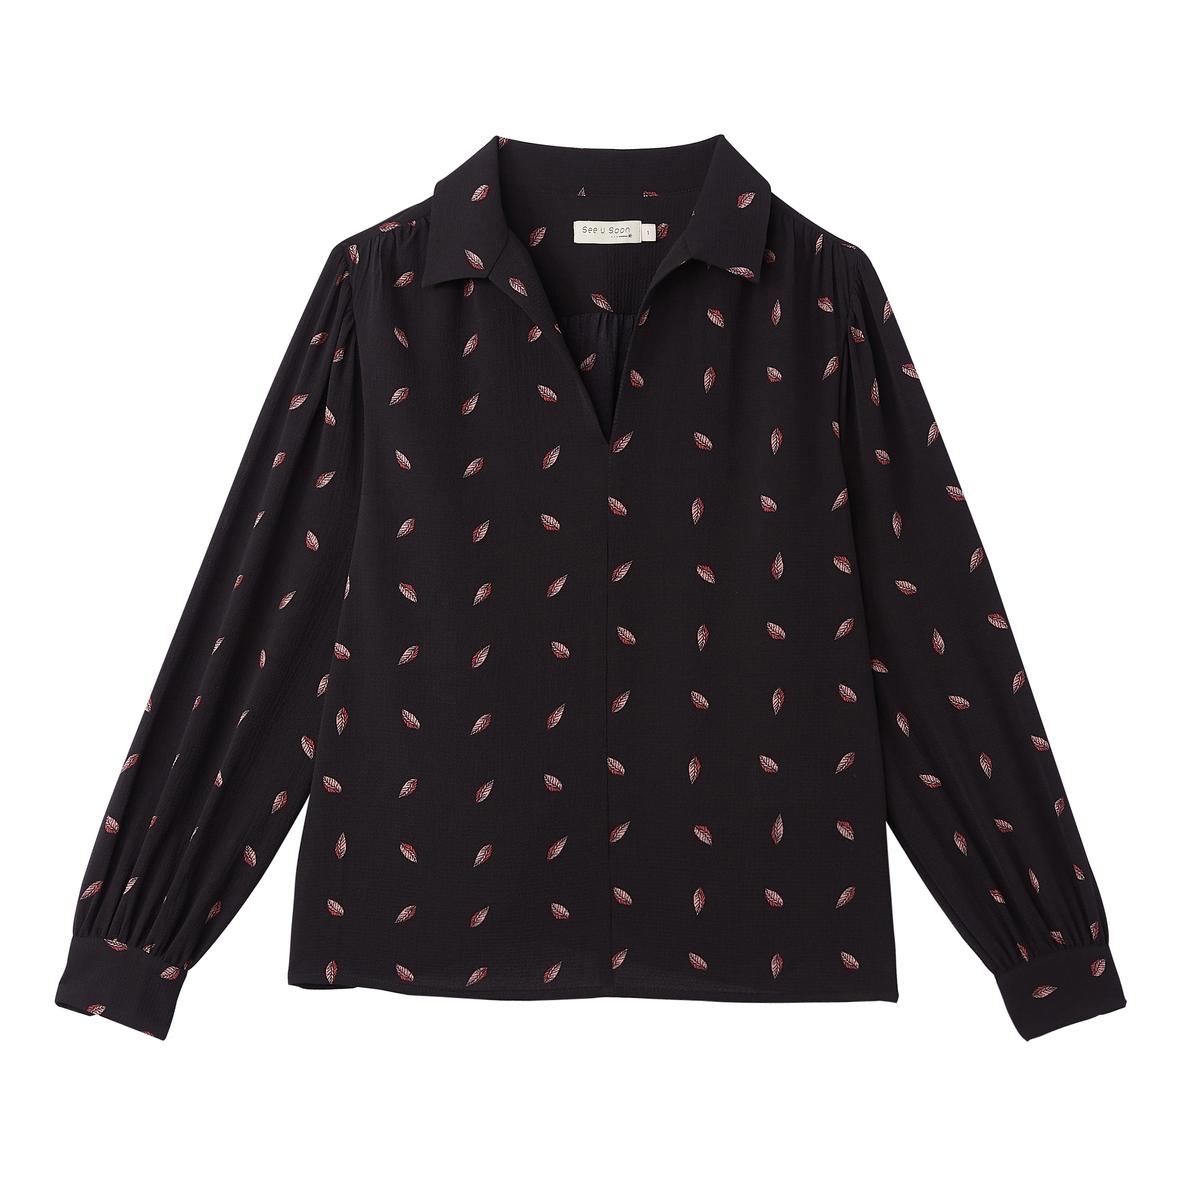 Блузка с v-образным вырезом с принтом и длинными рукавами lovaru ™ 2015 летом стиль женщин моды платье с длинными рукавами v образным вырезом высокое качество мягкие и удобные платья горячей продажи